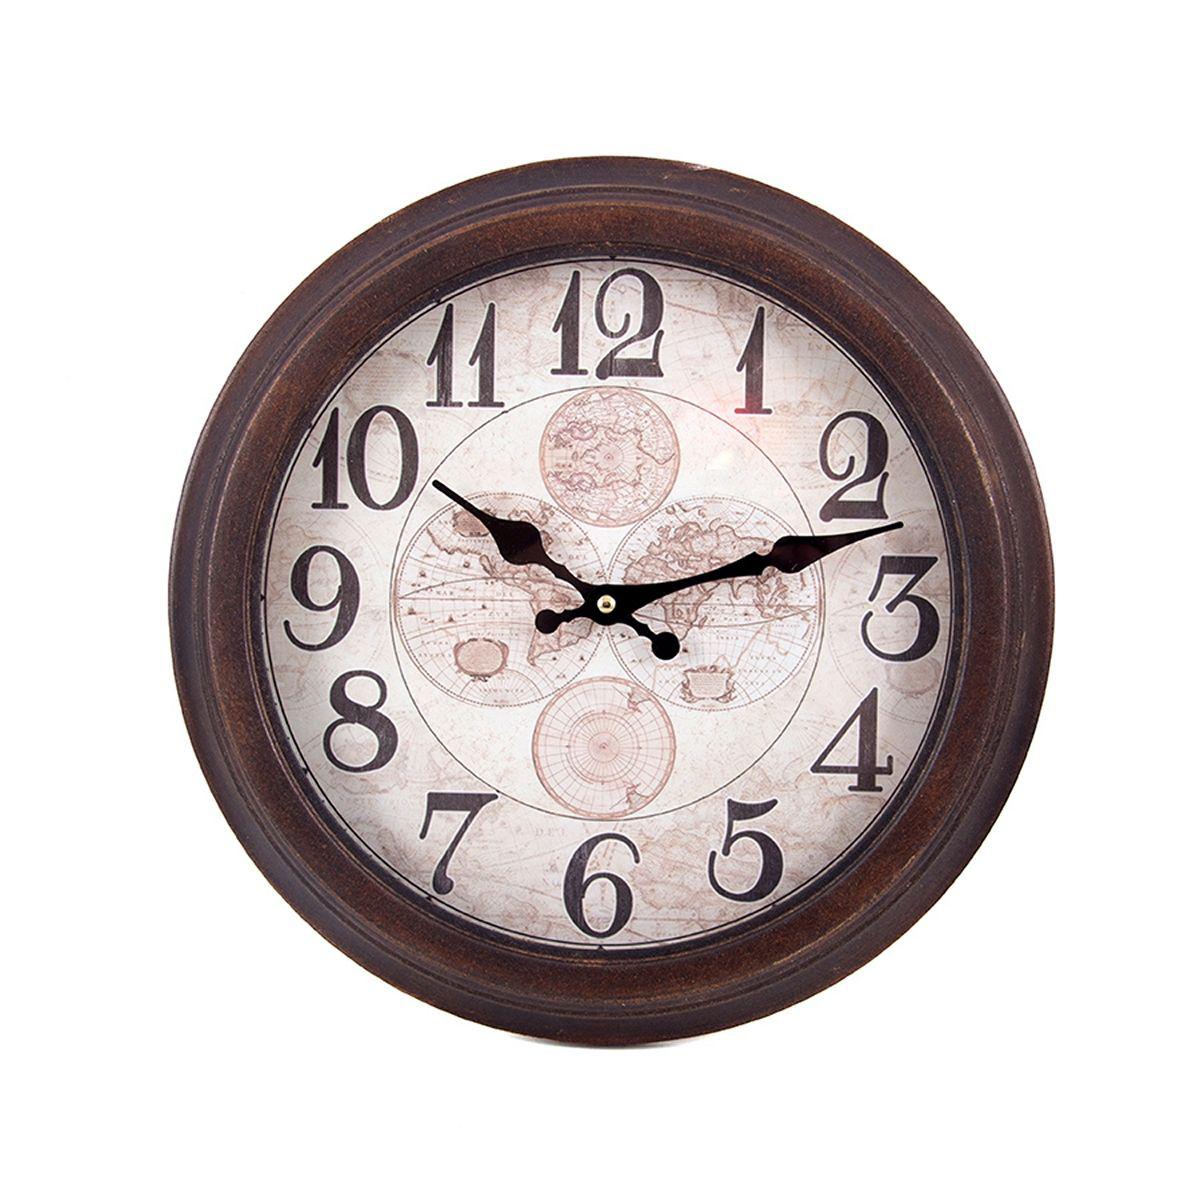 Часы настенные Русские Подарки, 35 х 5 х 35 см. 296352706 (ПО)Настенные кварцевые часы Русские Подарки изготовлены из МДФ. Циферблат защищен стеклом. Часы имеют две стрелки - часовую и минутную. С обратной стороны имеетсяпетелька для подвешивания на стену.Изящные часы красиво и оригинально оформят интерьер дома или офиса. Также часы могут стать уникальным, полезным подарком для родственников, коллег, знакомых и близких.Часы работают от батареек типа АА (в комплект не входят).